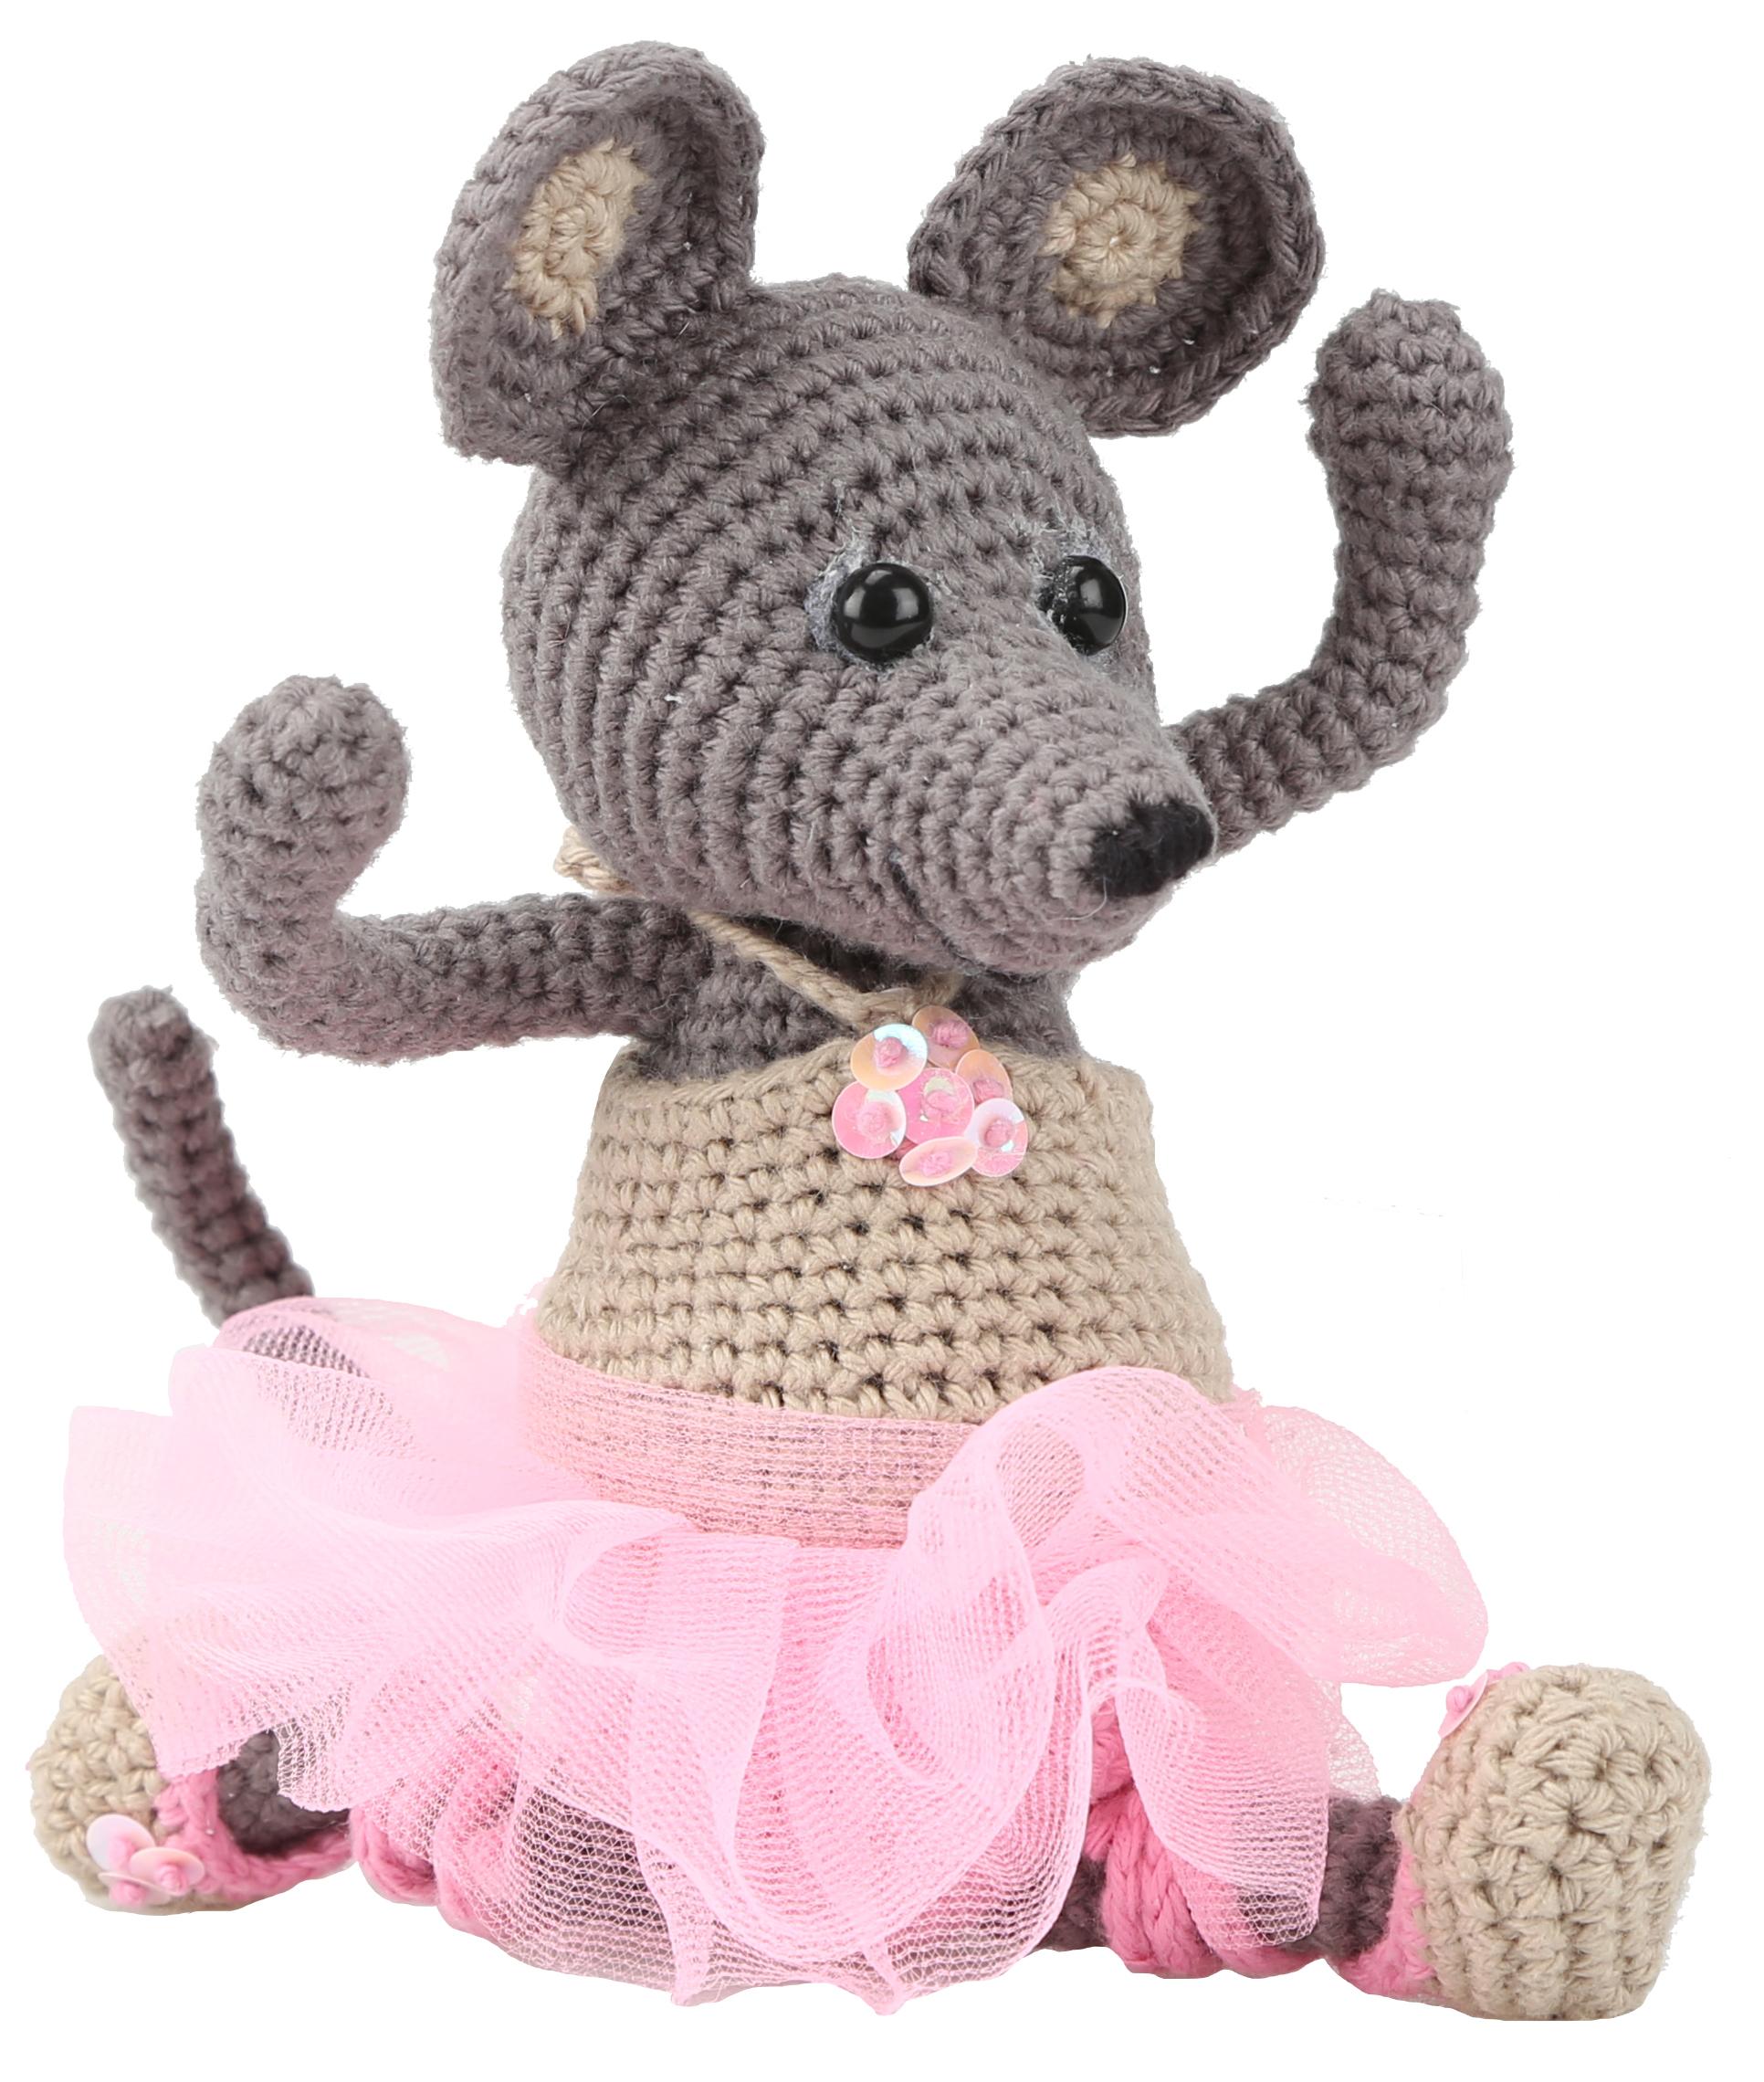 Adorable Amigurumi Mice   2280x1932